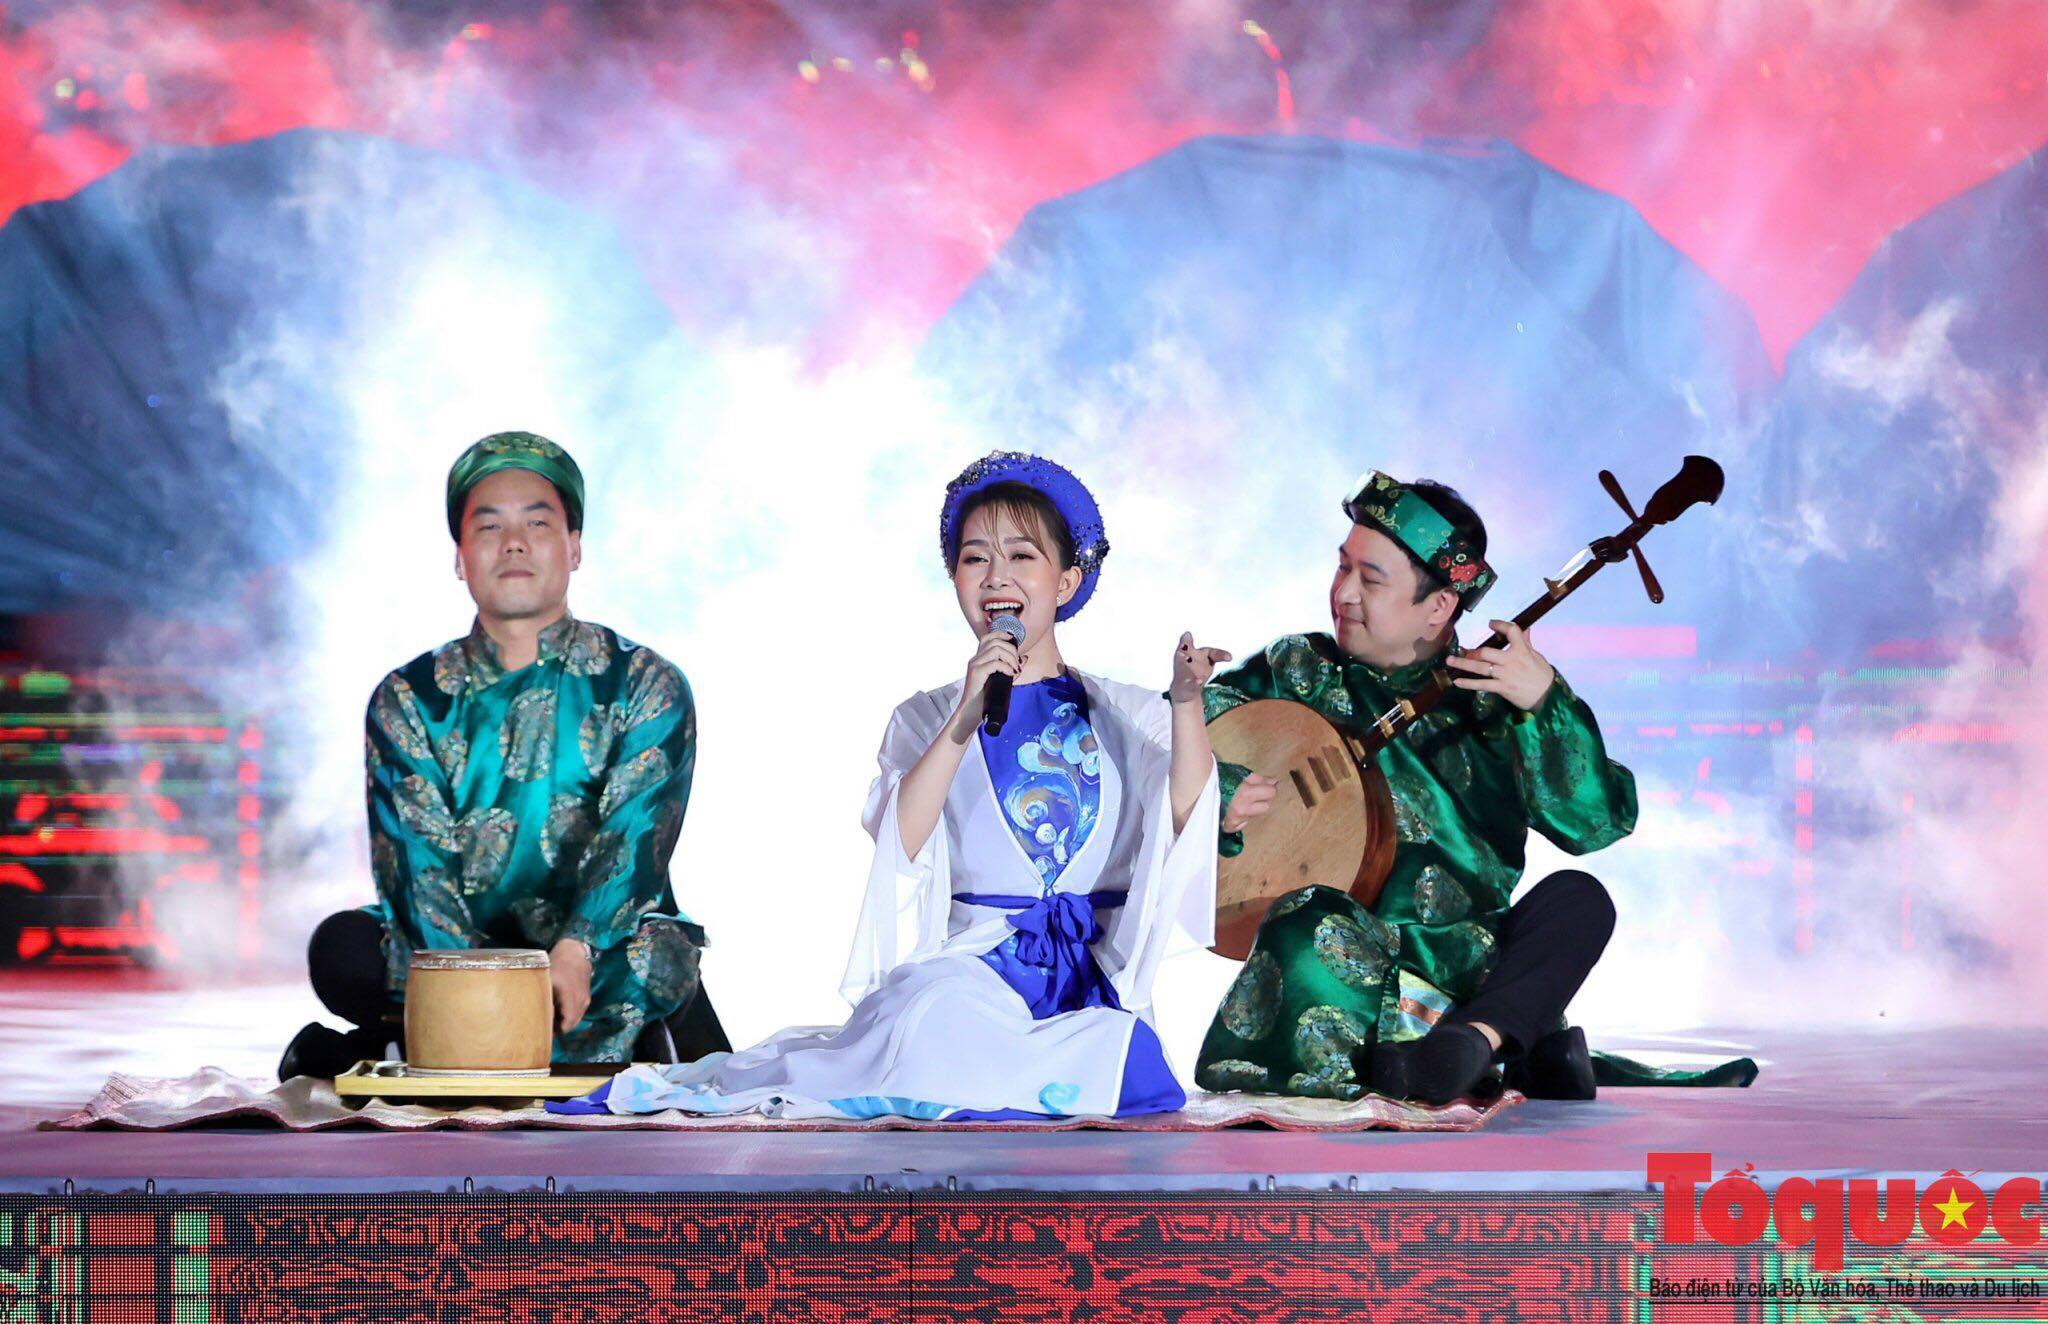 """""""Văn hóa các dân tộc – Hội tụ và phát triển"""" chào mừng Ngày Văn hóa các dân tộc Việt Nam 2021 - Ảnh 4."""